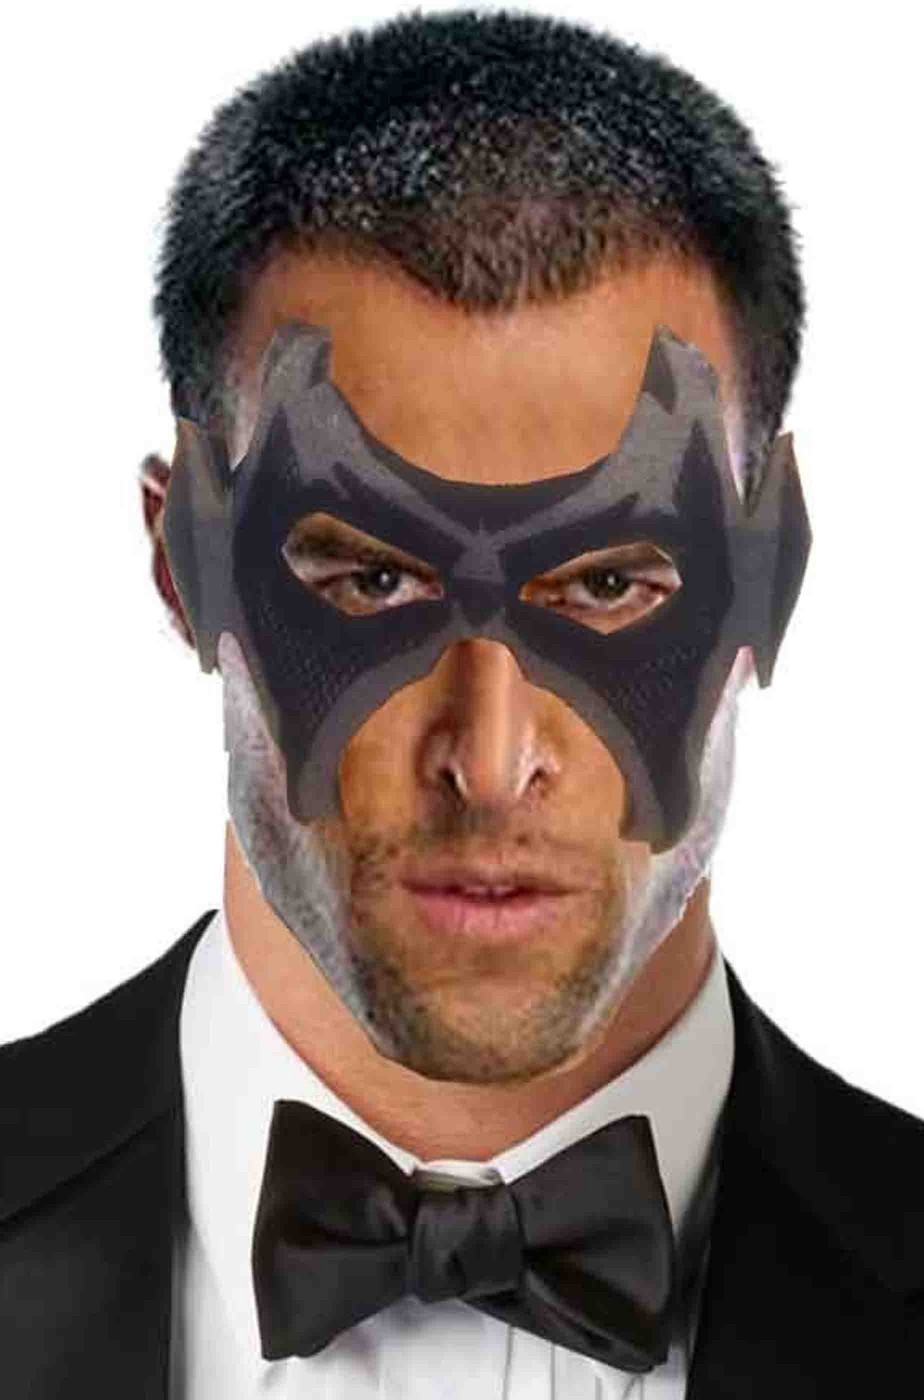 Maschera di carnevale morbida grigia da uomo